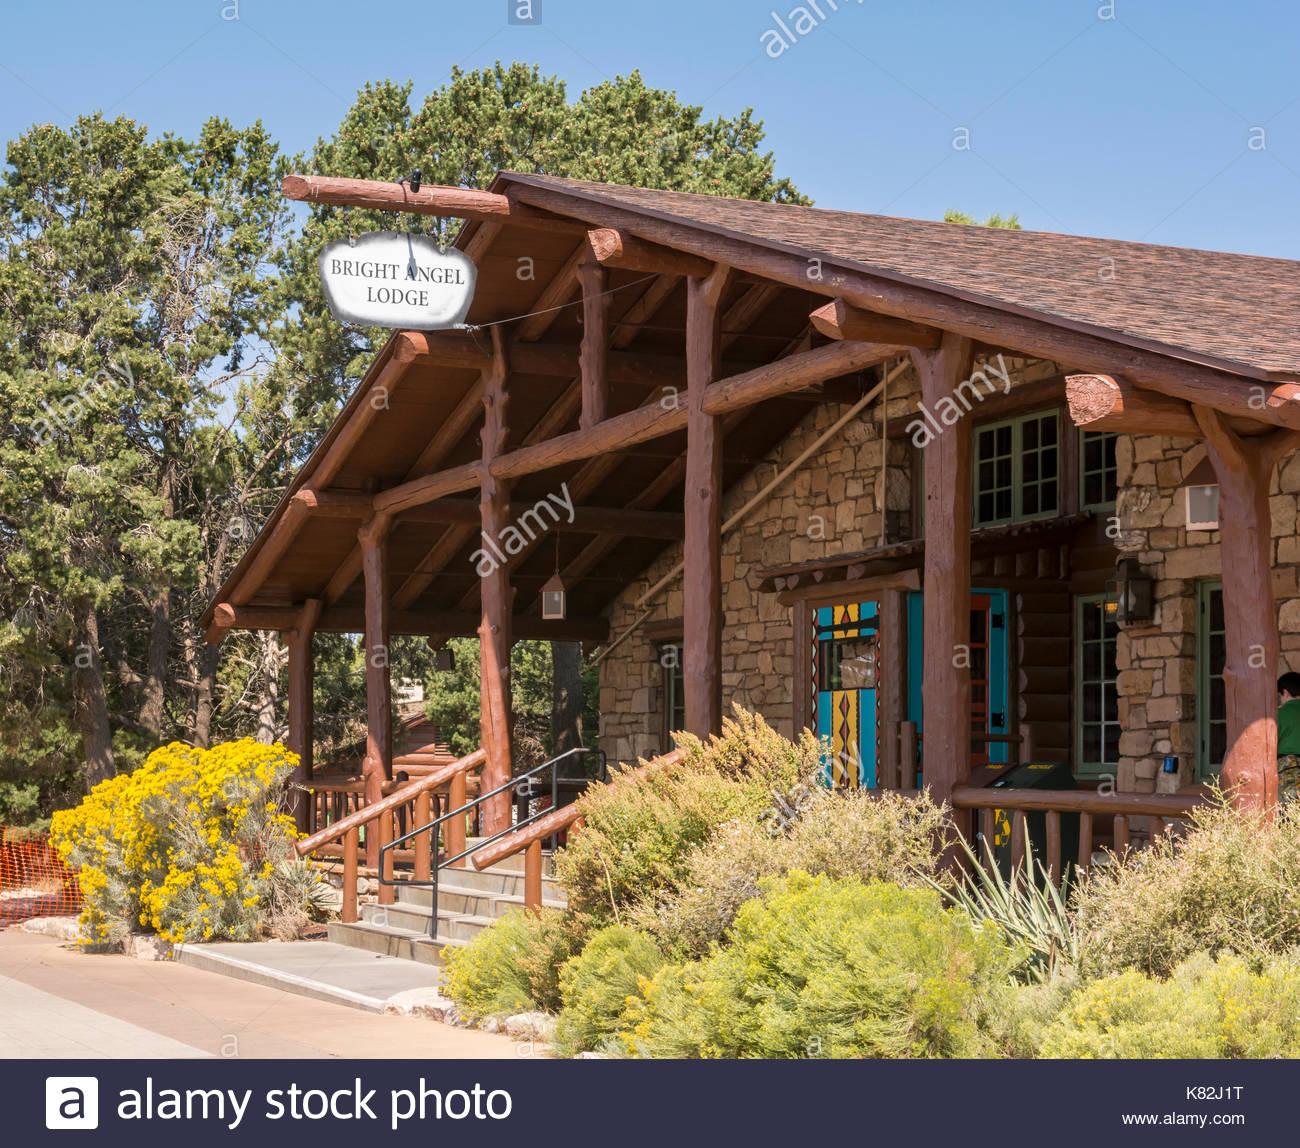 Bright Angel Lodge, Historic Lodge And Cabins At Grand Canyon National Park  South Rim, Arizona, USA